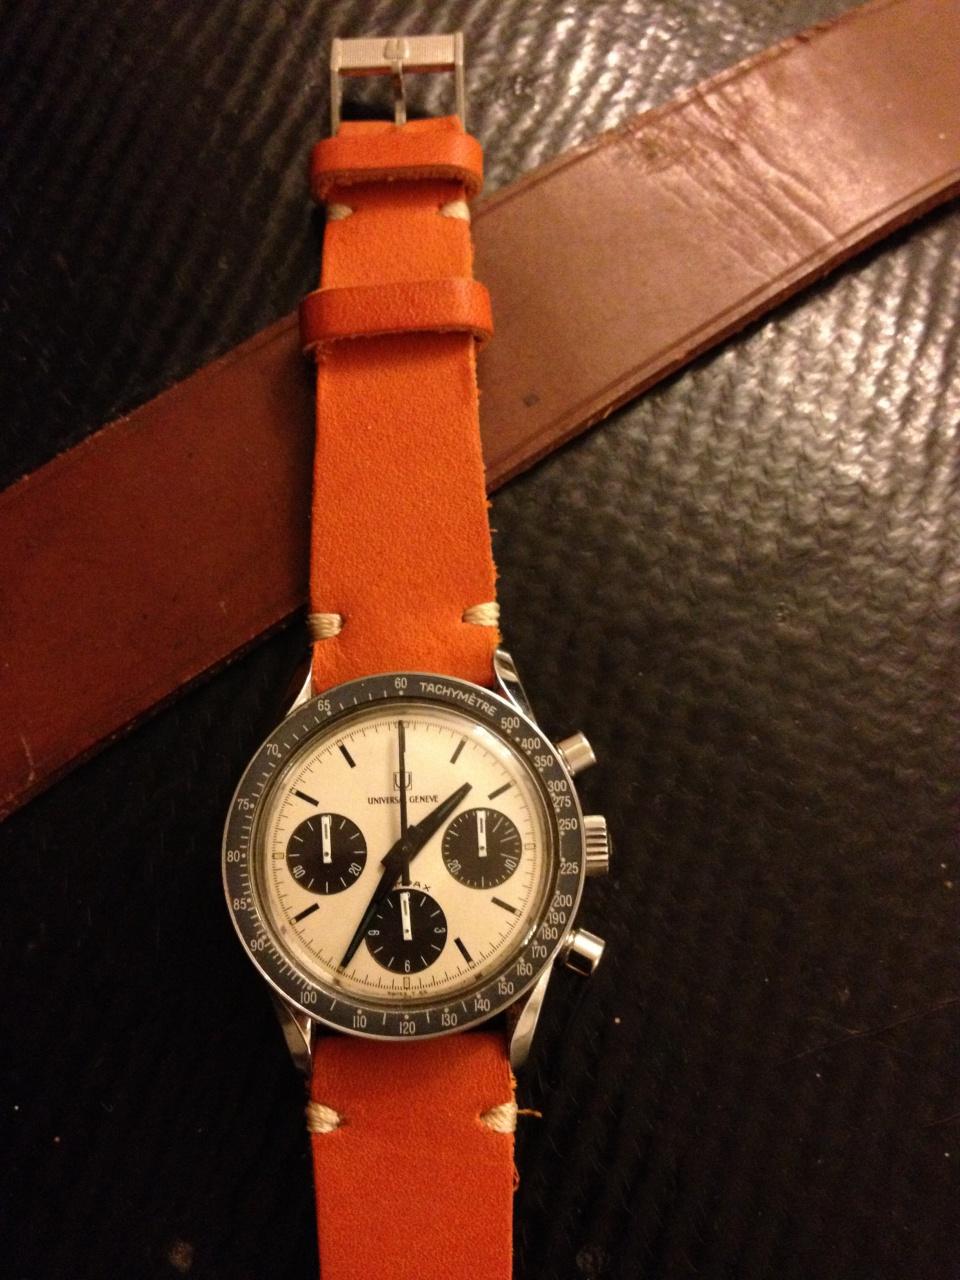 Les chronographes Universal Geneve de la série Compax - 2eme Partie 465109ninarindt001